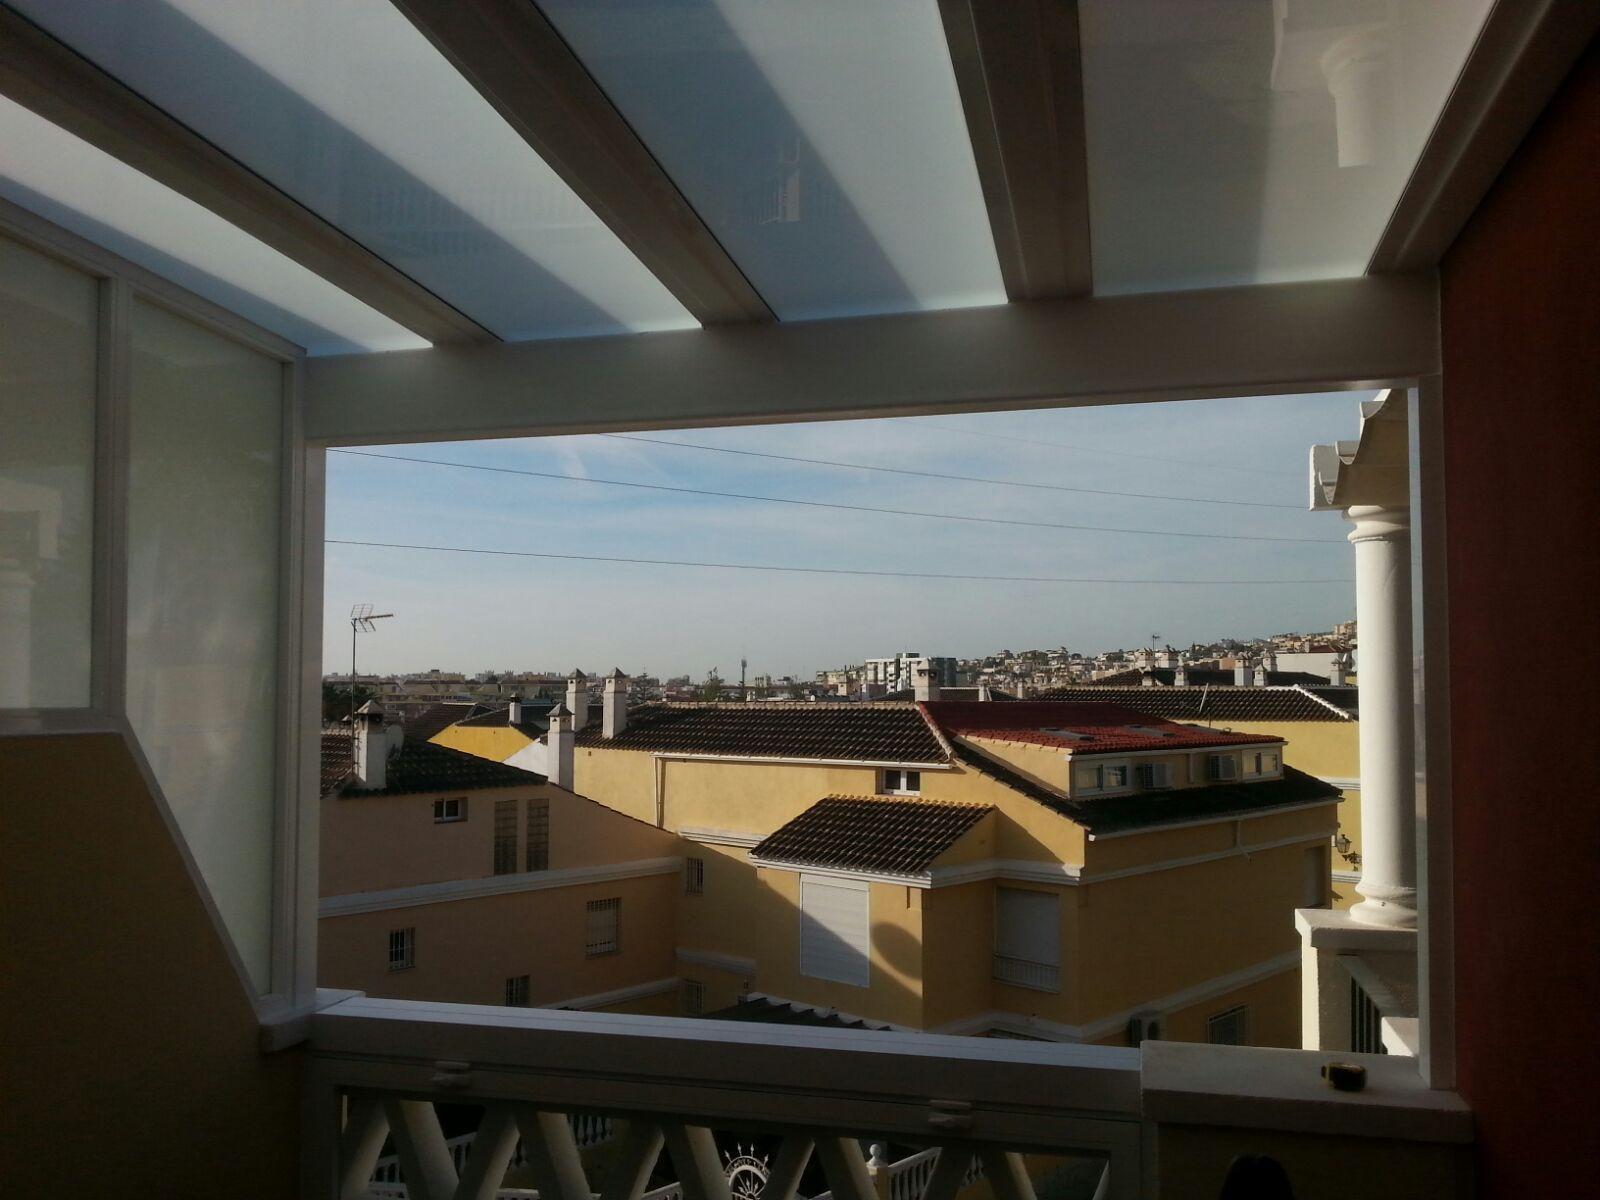 cerramiento de terraza mediante instalacin de prgola de hierro techo y pared lateral de cristal - Pergola Terraza